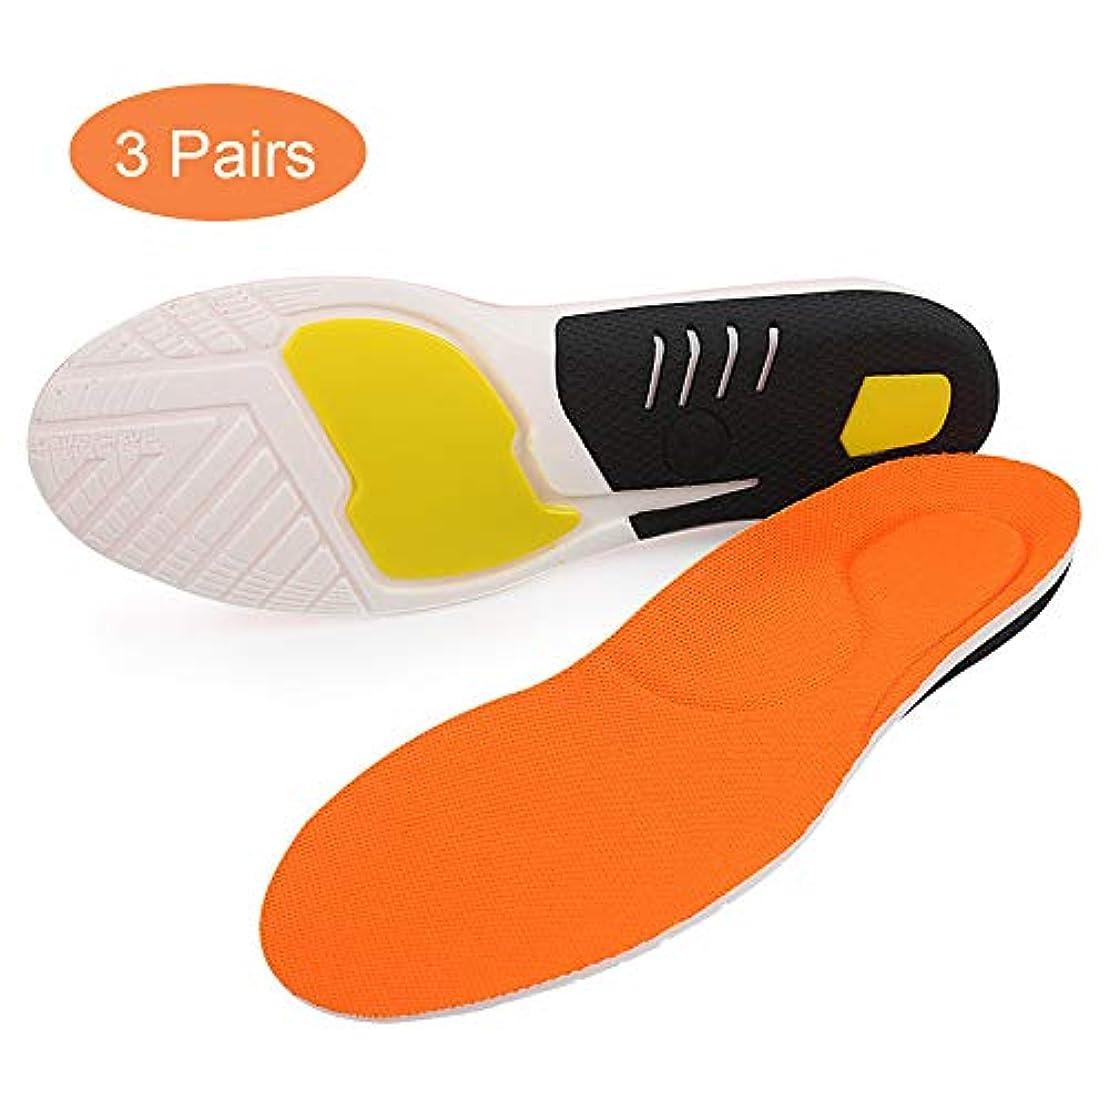 目的薄める威するスポーツインソール3ペアフットマッサージ矯正インソール汗を吸収ソフト厚く通気性を緩和フィットネス、ランニング、テニスのための足底圧切断可能,L